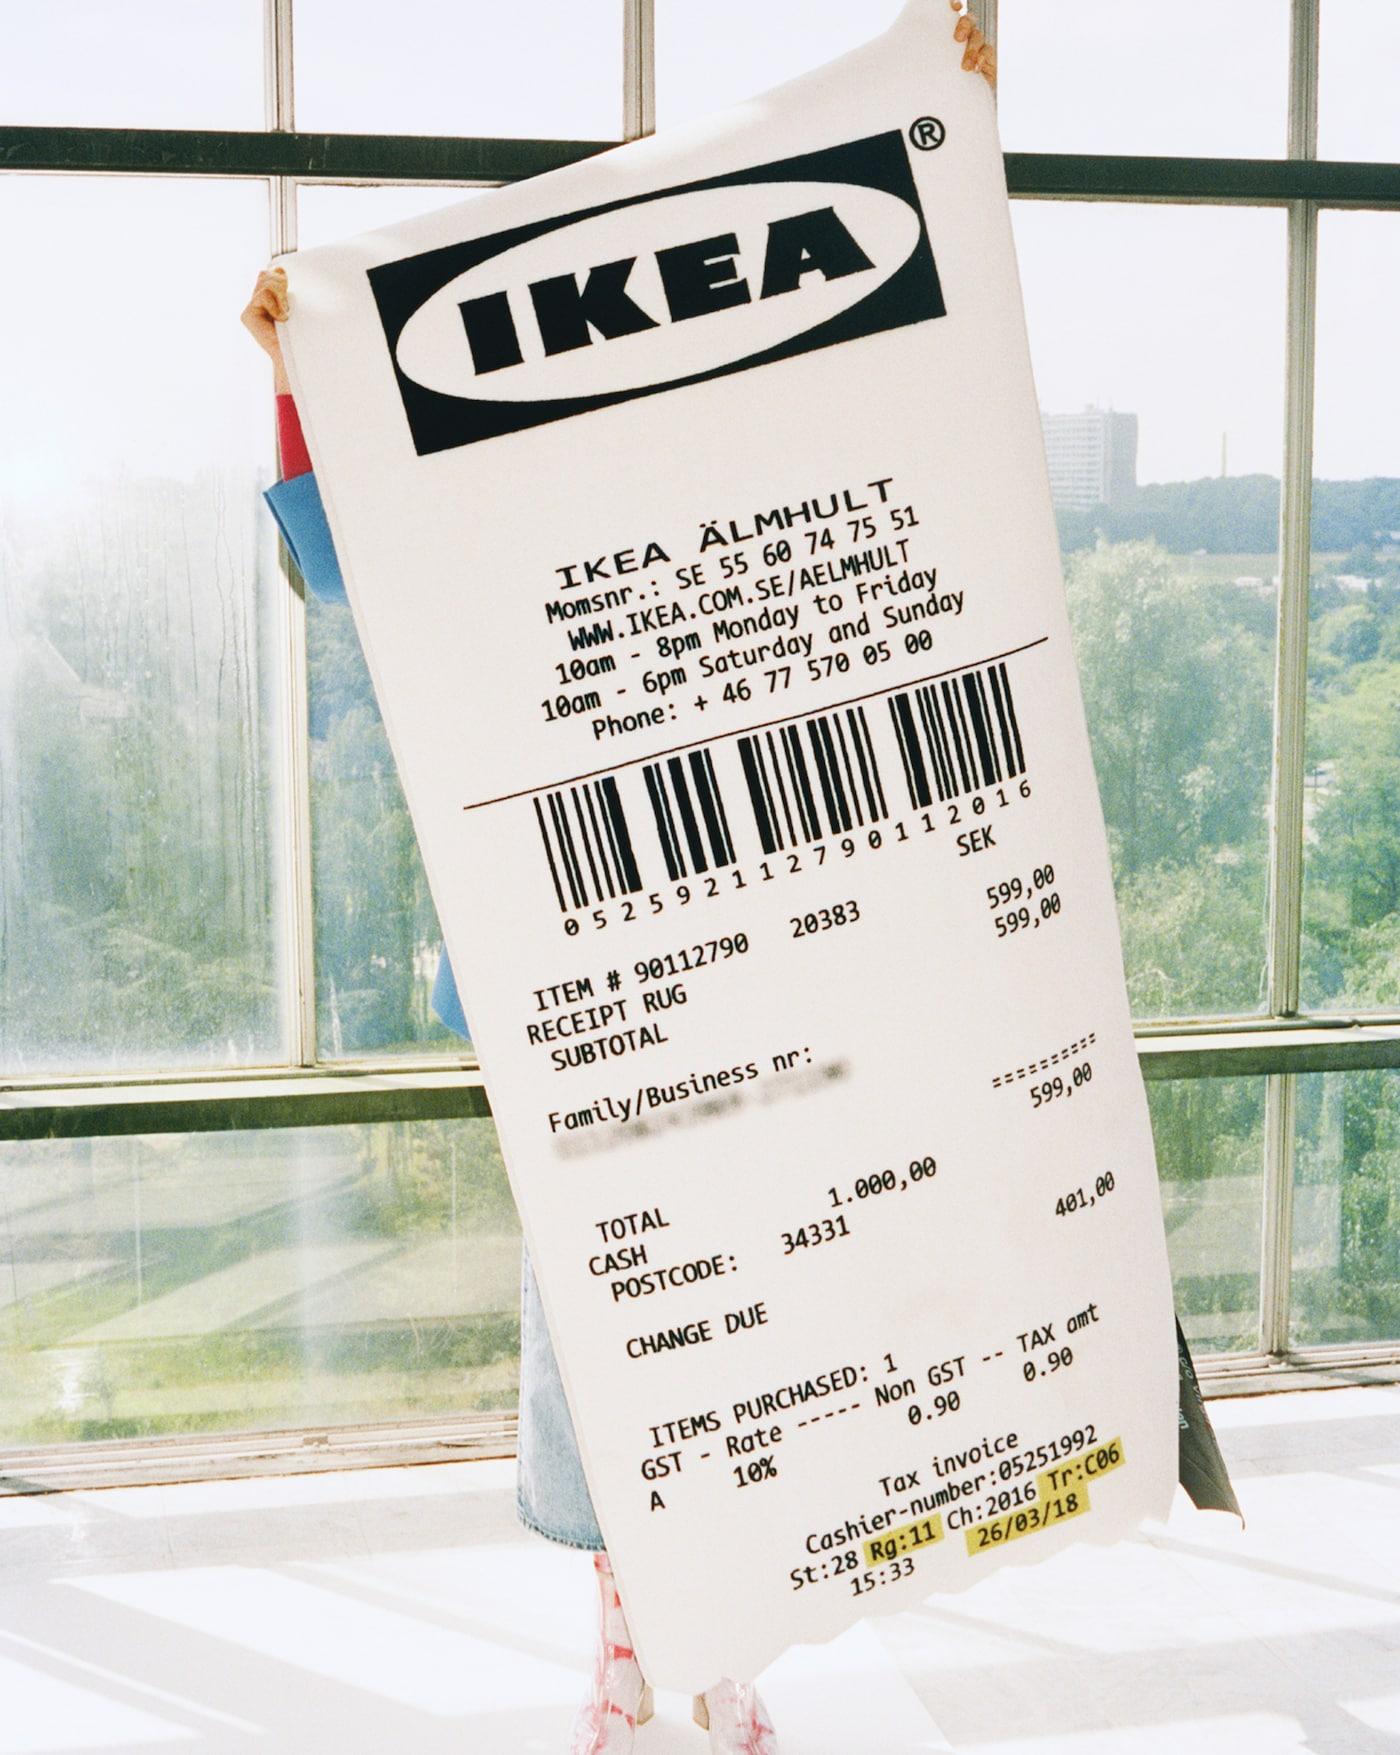 MARKERAD kolleksjonen i samarbeid med Virgil Abloh IKEA